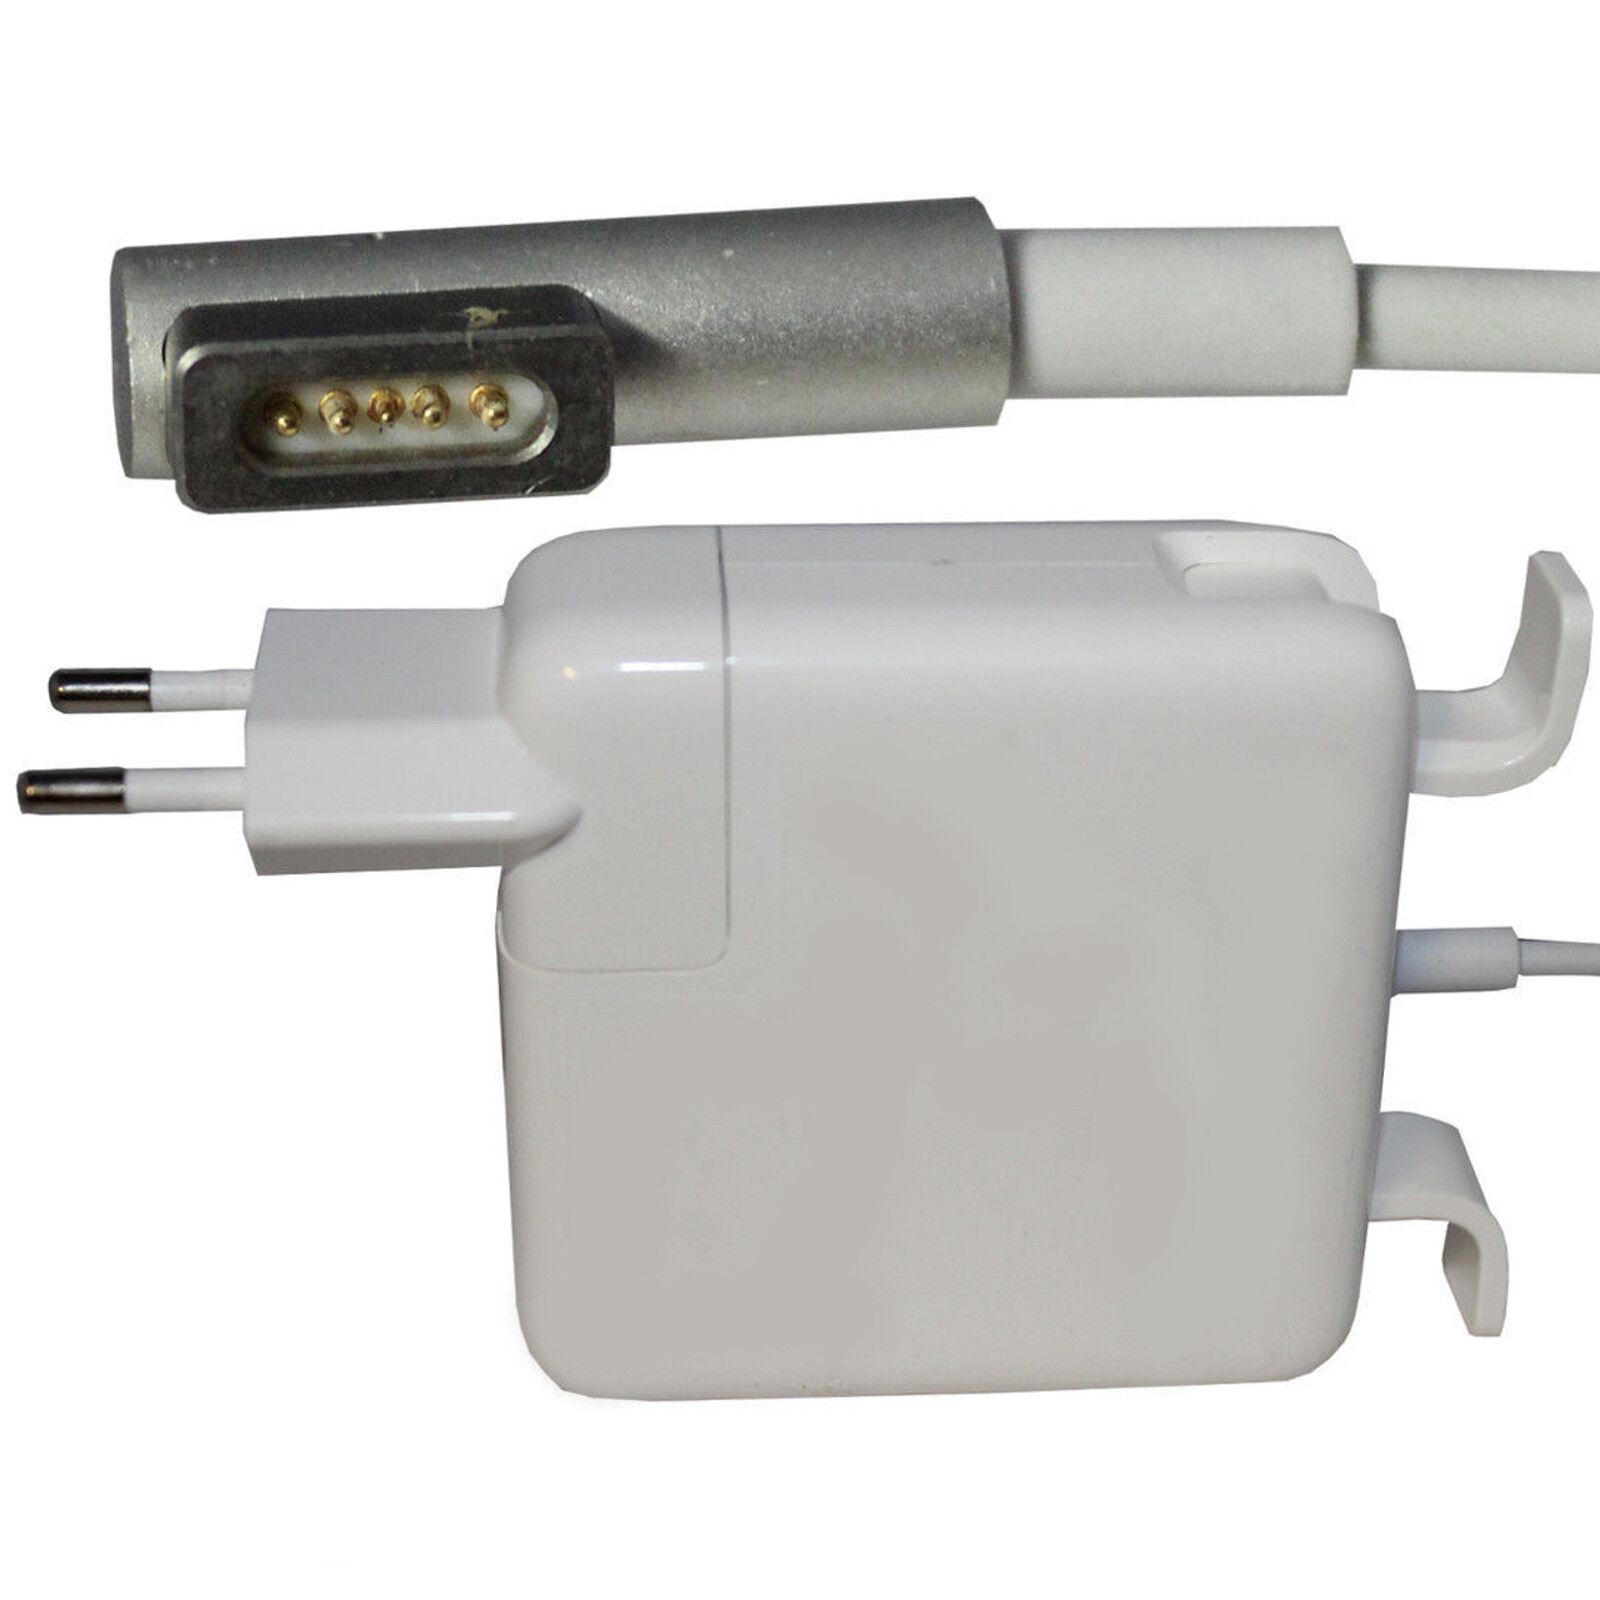 Netzteil Charger 85W A1343 Power Adapter Ladegerät MagSafe 1 Apple Macbook Pro